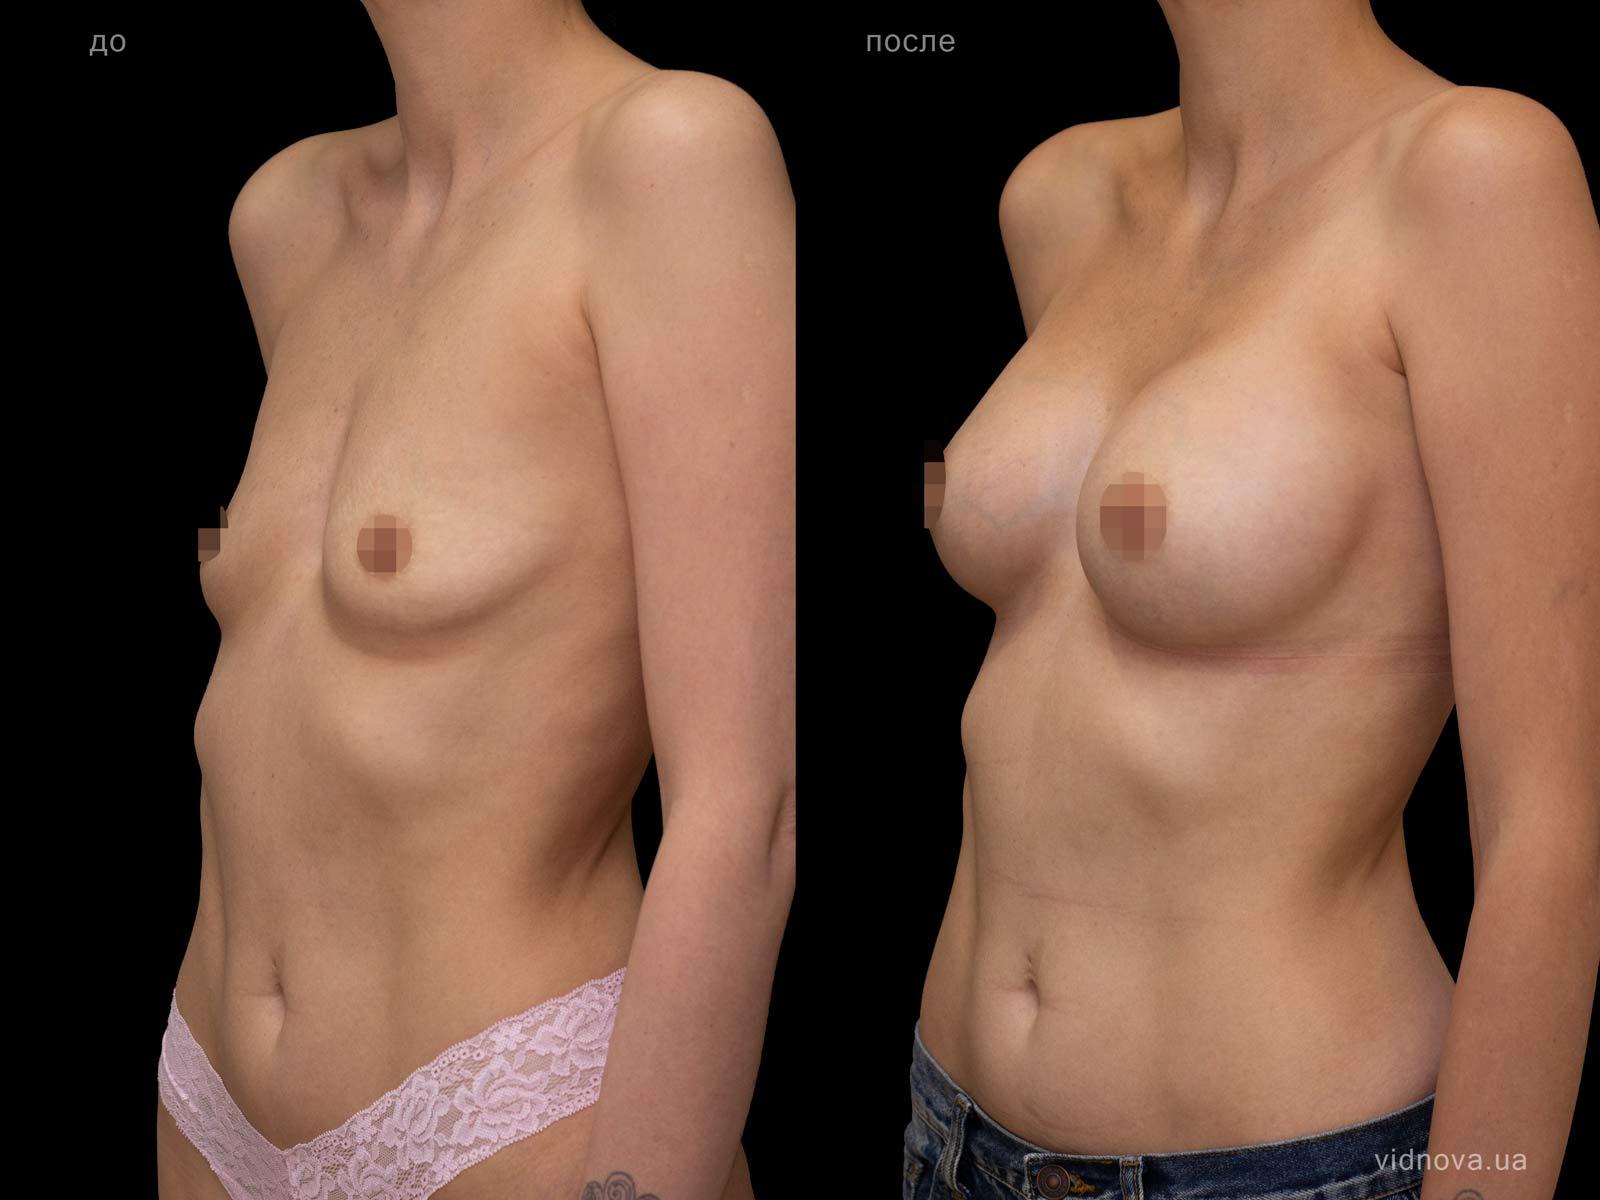 Пластика груди: результаты до и после - Пример №96-1 - Светлана Работенко